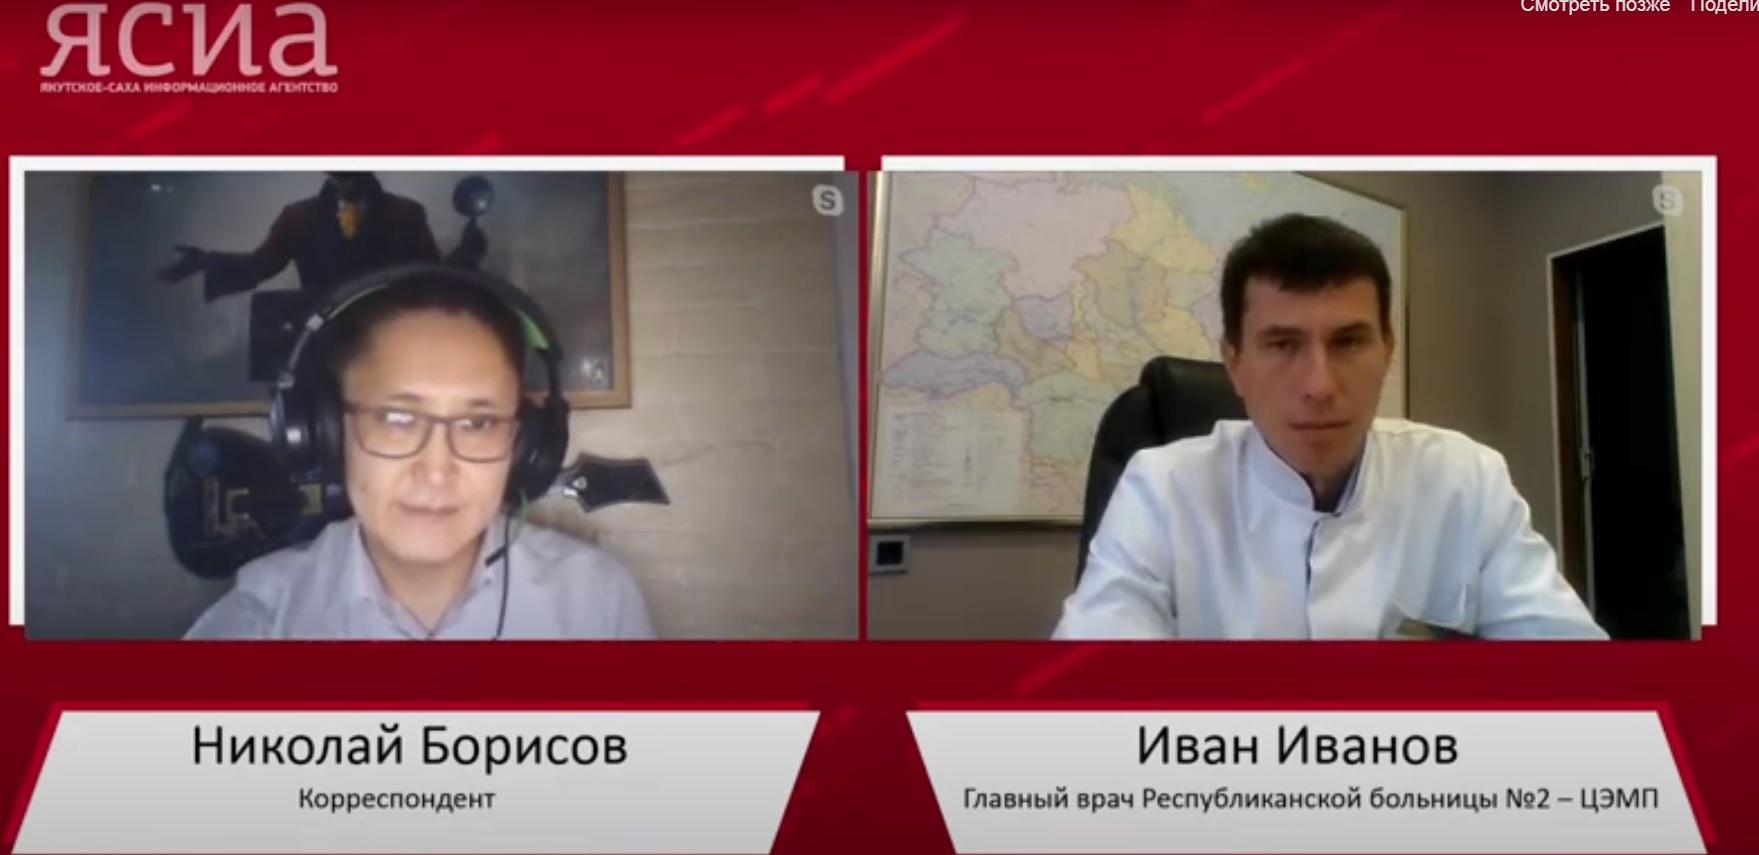 Онлайн-интервью: Главврач РБ №2 о приёме и операциях во время пандемии